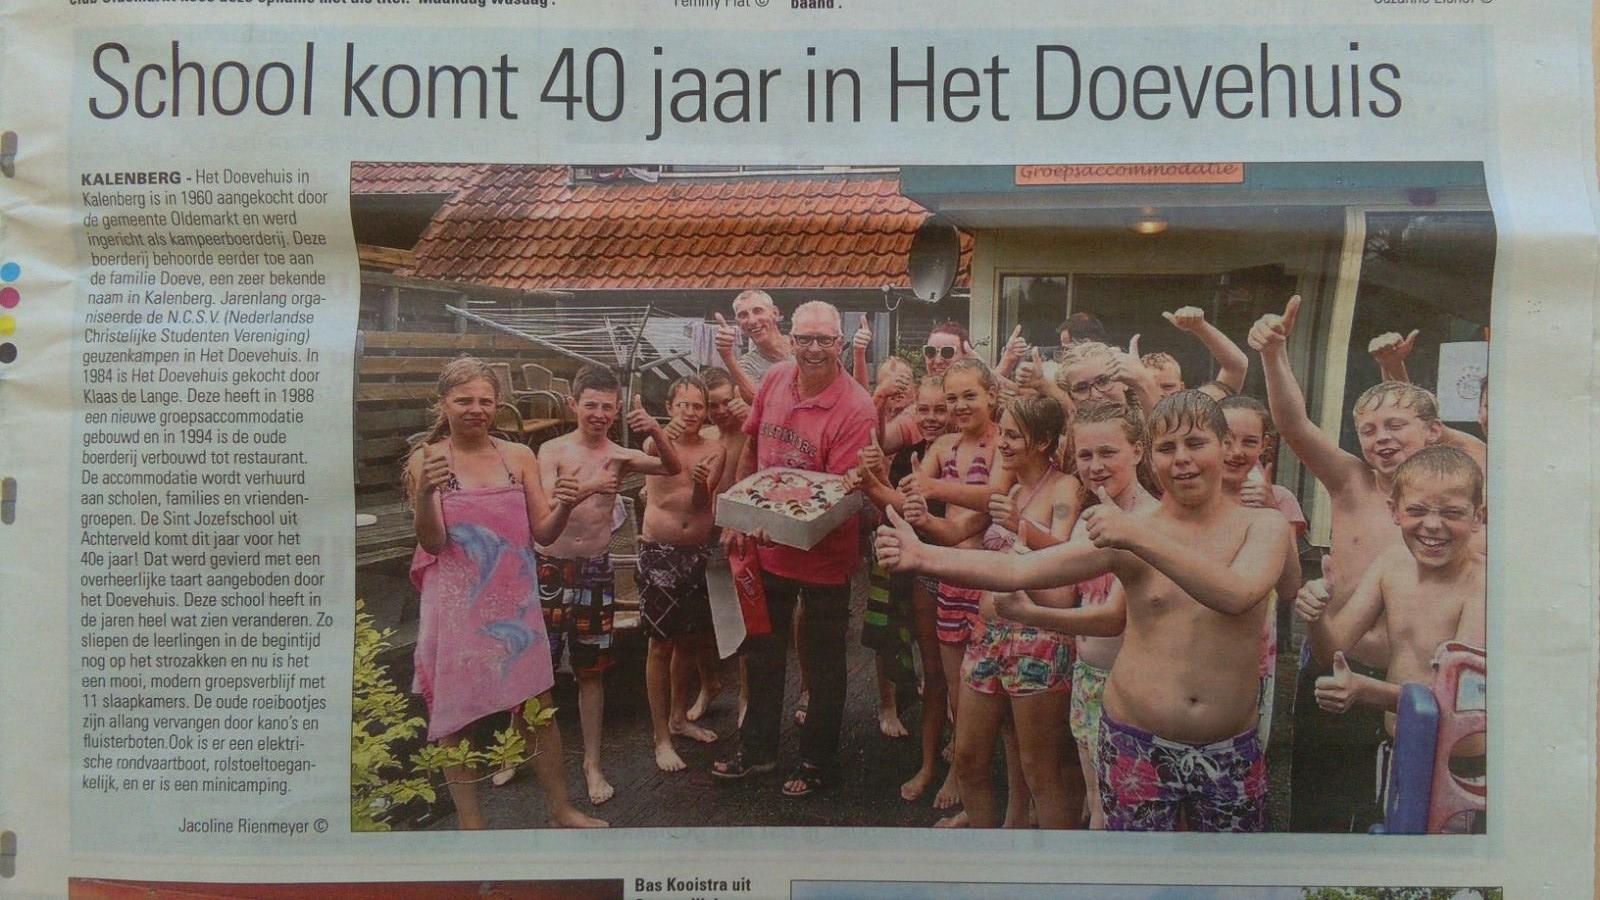 fun artikelen 40 jaar krant artikel 40 jaar Kalenberg 2016   Basisschool St. Jozef fun artikelen 40 jaar